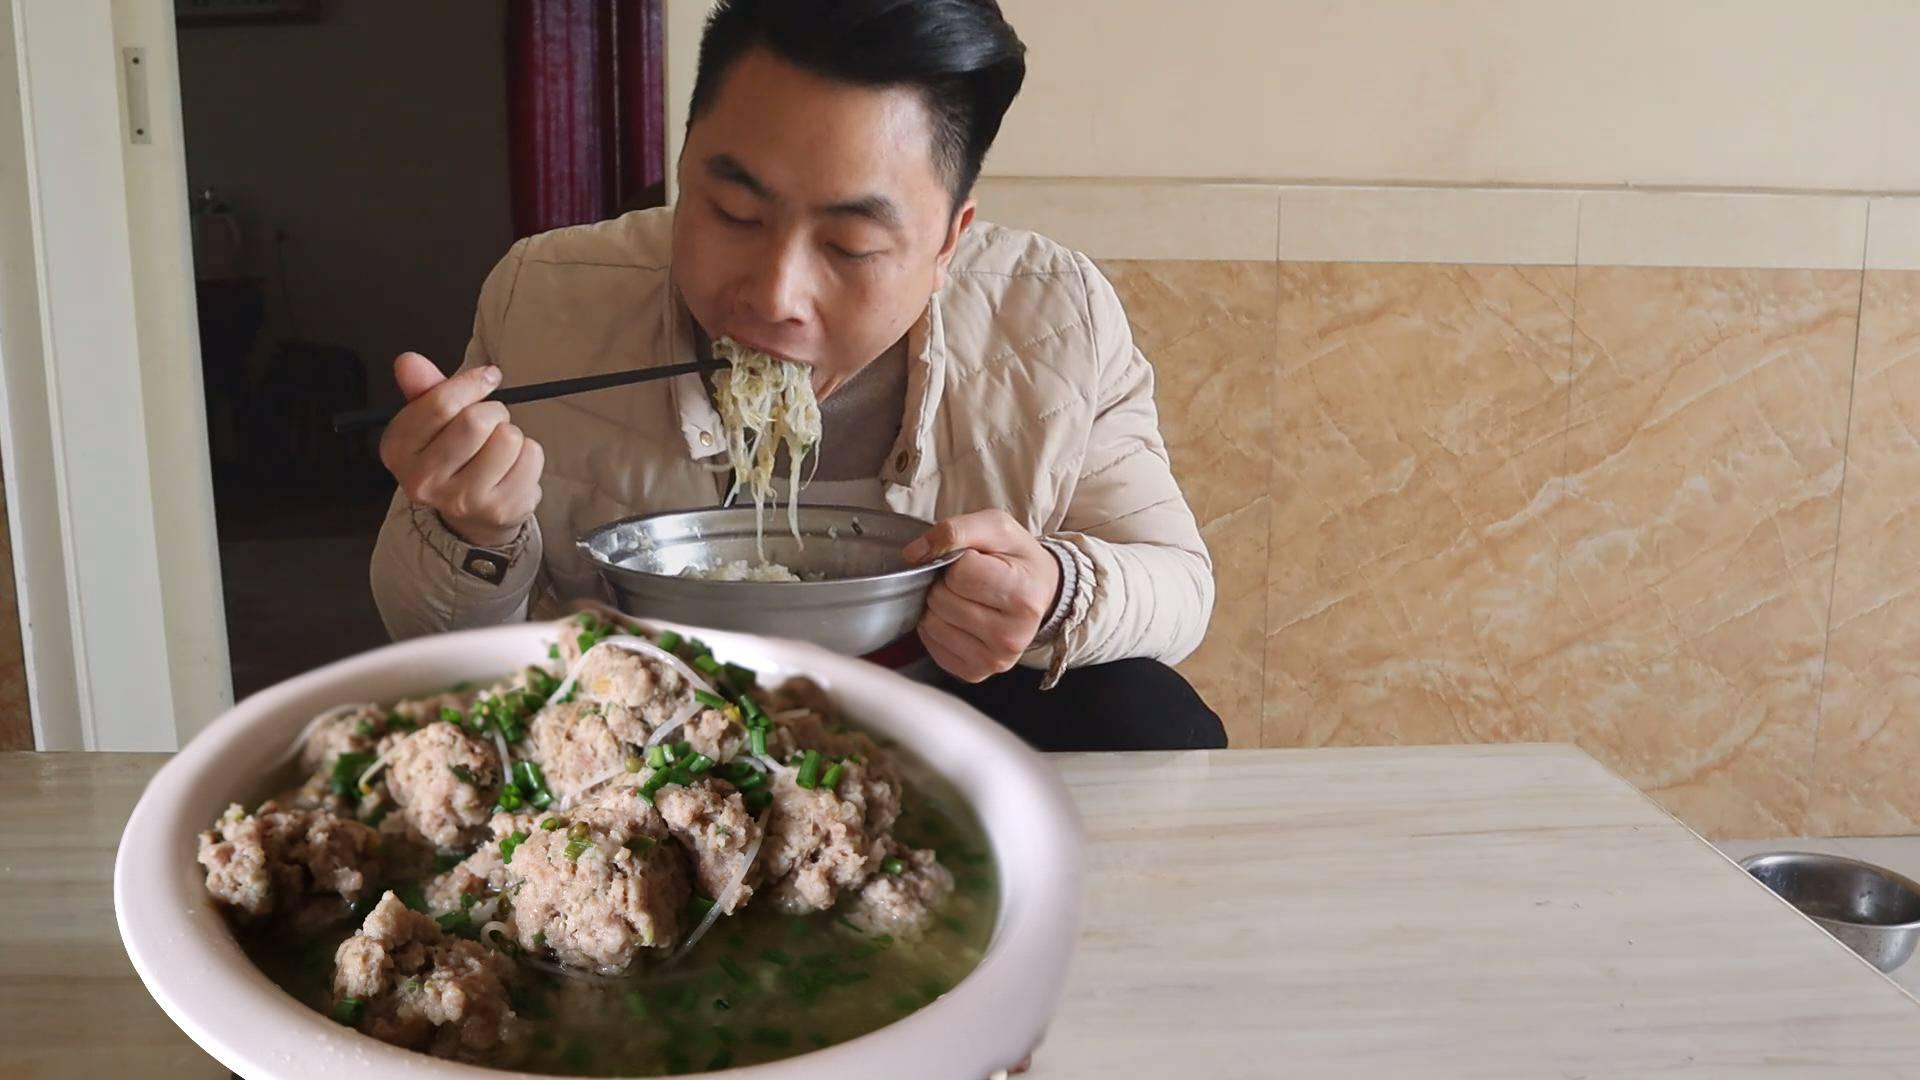 吃腻了米饭,今天少吃点,半盆饭配两斤肉圆子,多肉少饭吃着才爽